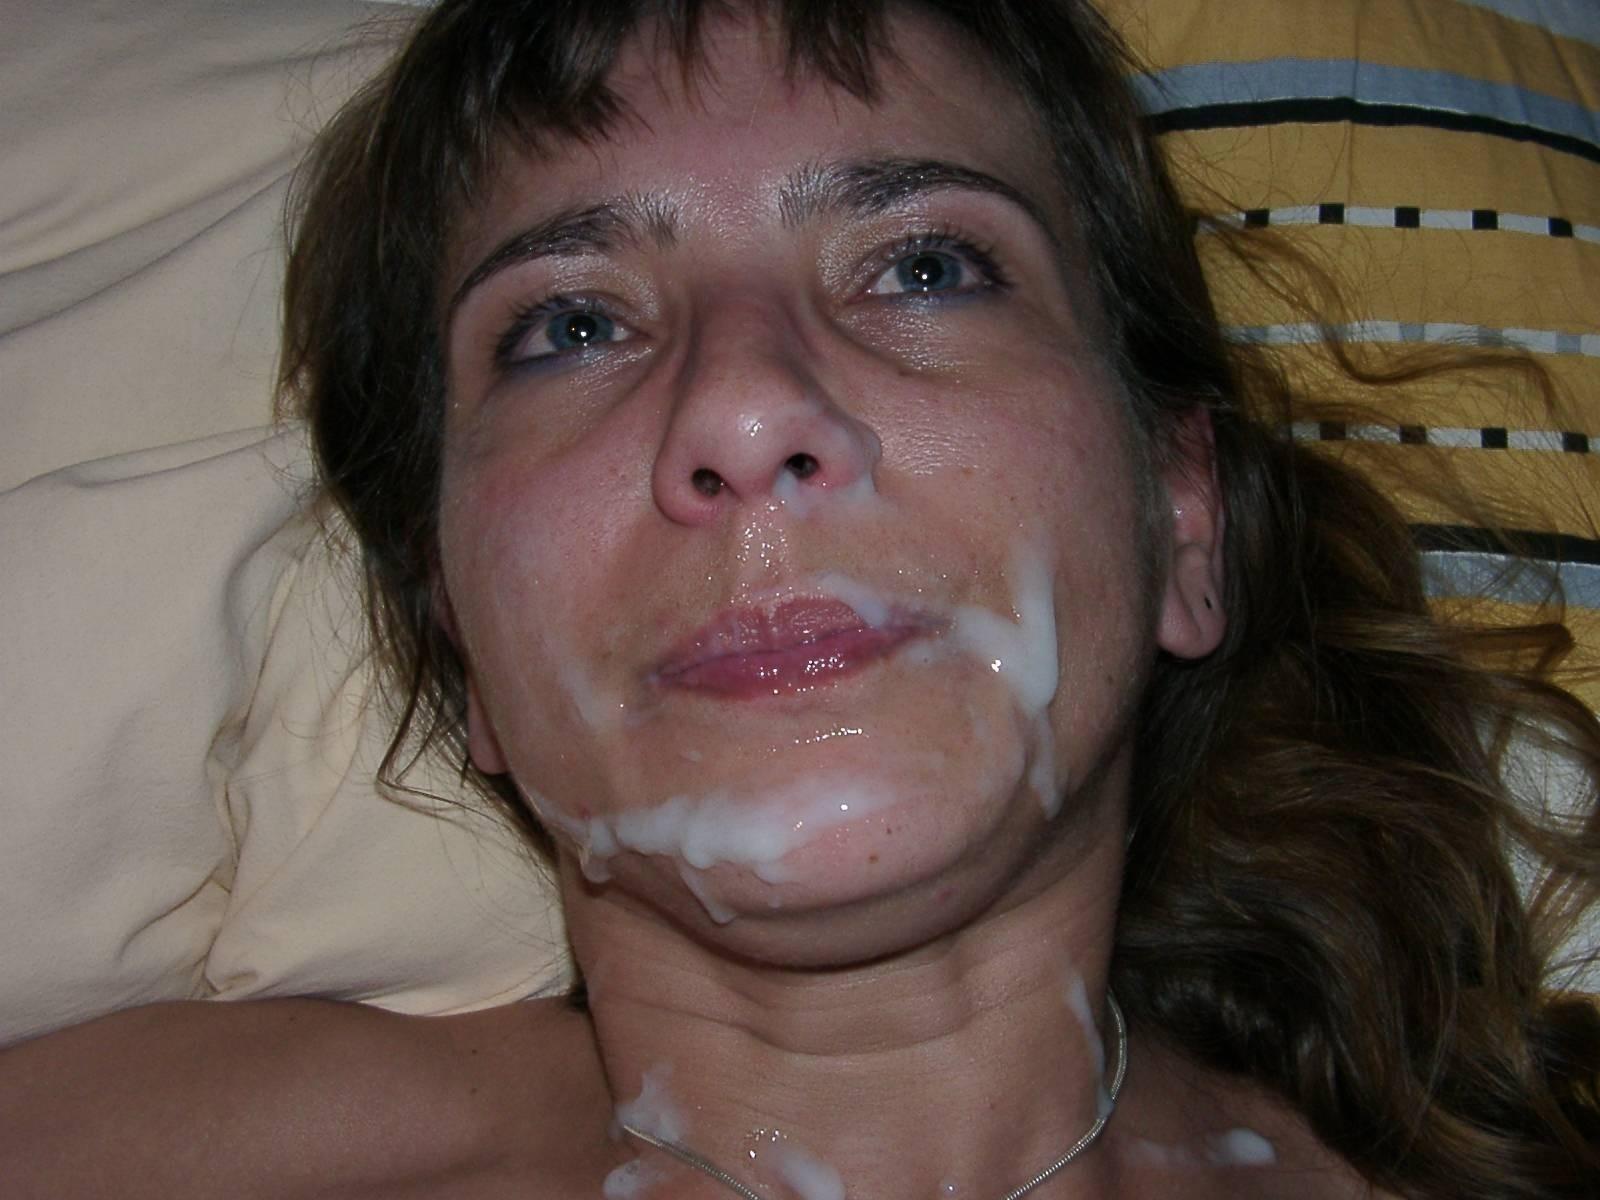 Русские кончают сперма на лицо, Русским Кончают На Лицо (найденопорно видео.) 10 фотография